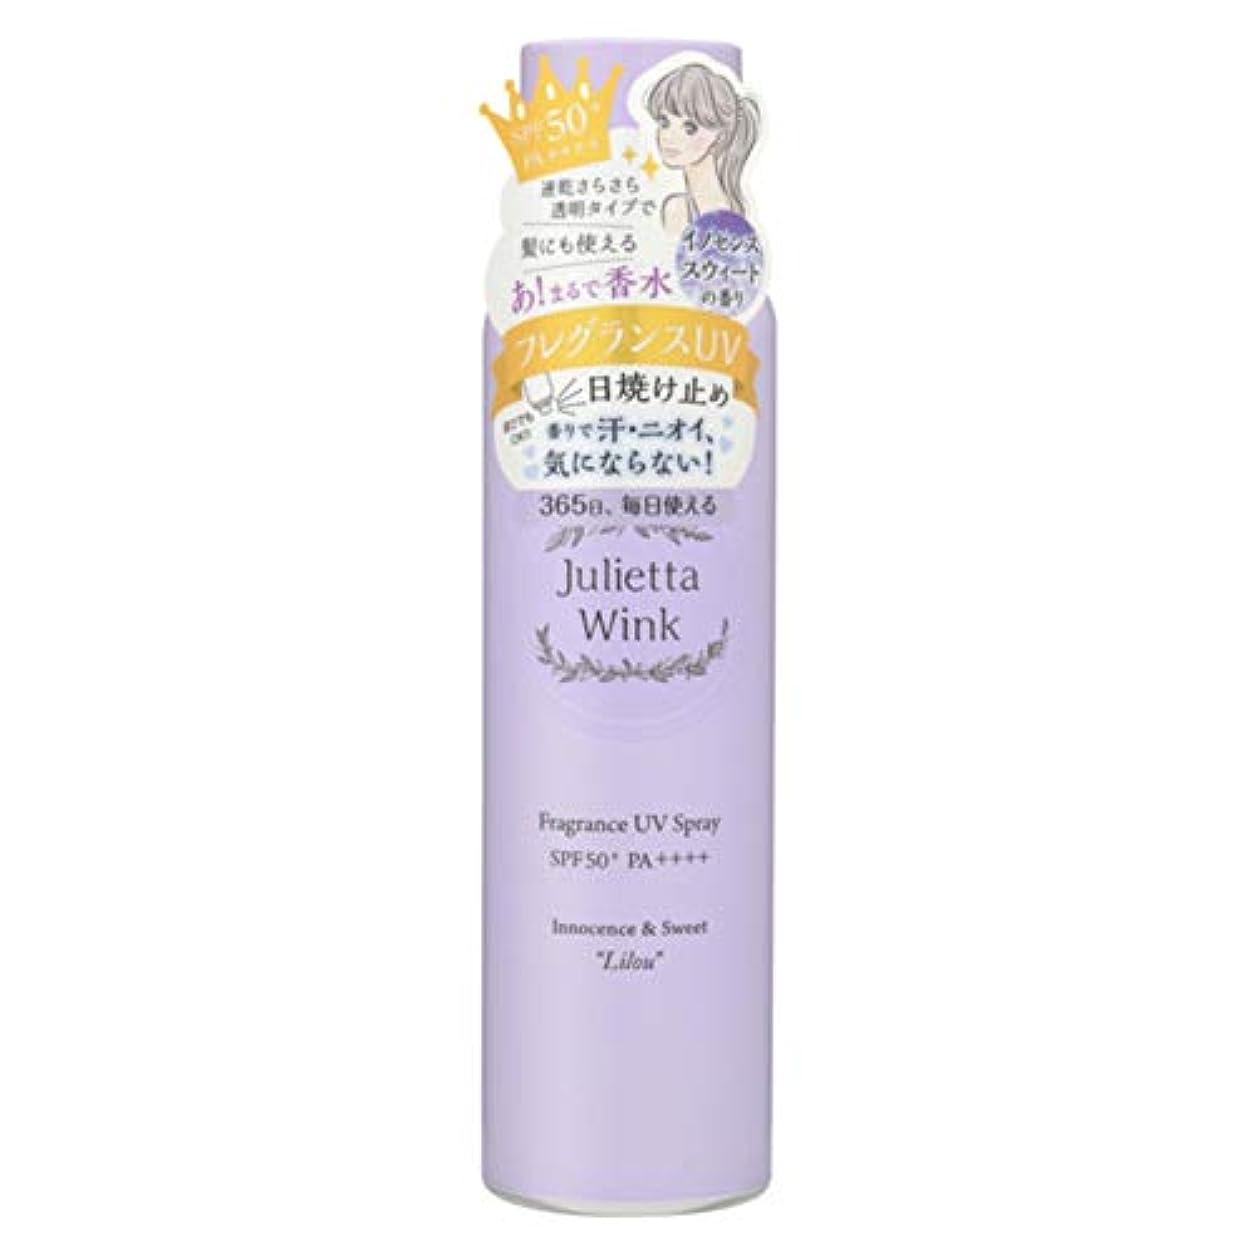 文法南方のありそうジュリエッタウィンク フレグランス UVスプレー[リル]100g イノセンススウィートの香り(紫)